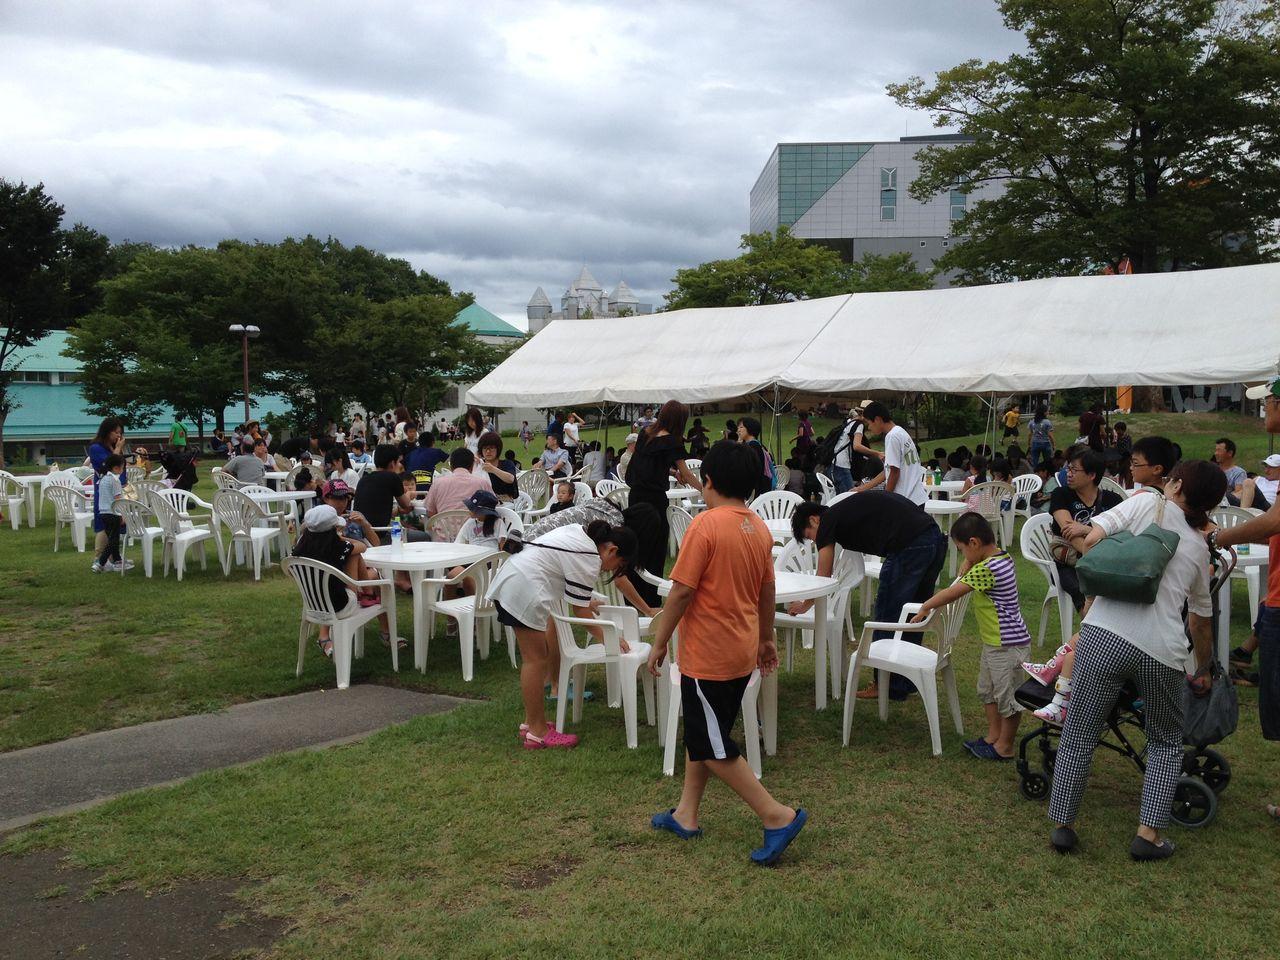 秋田ふるさと村ブログ>イベントのお知らせ>村のおすすめ情報